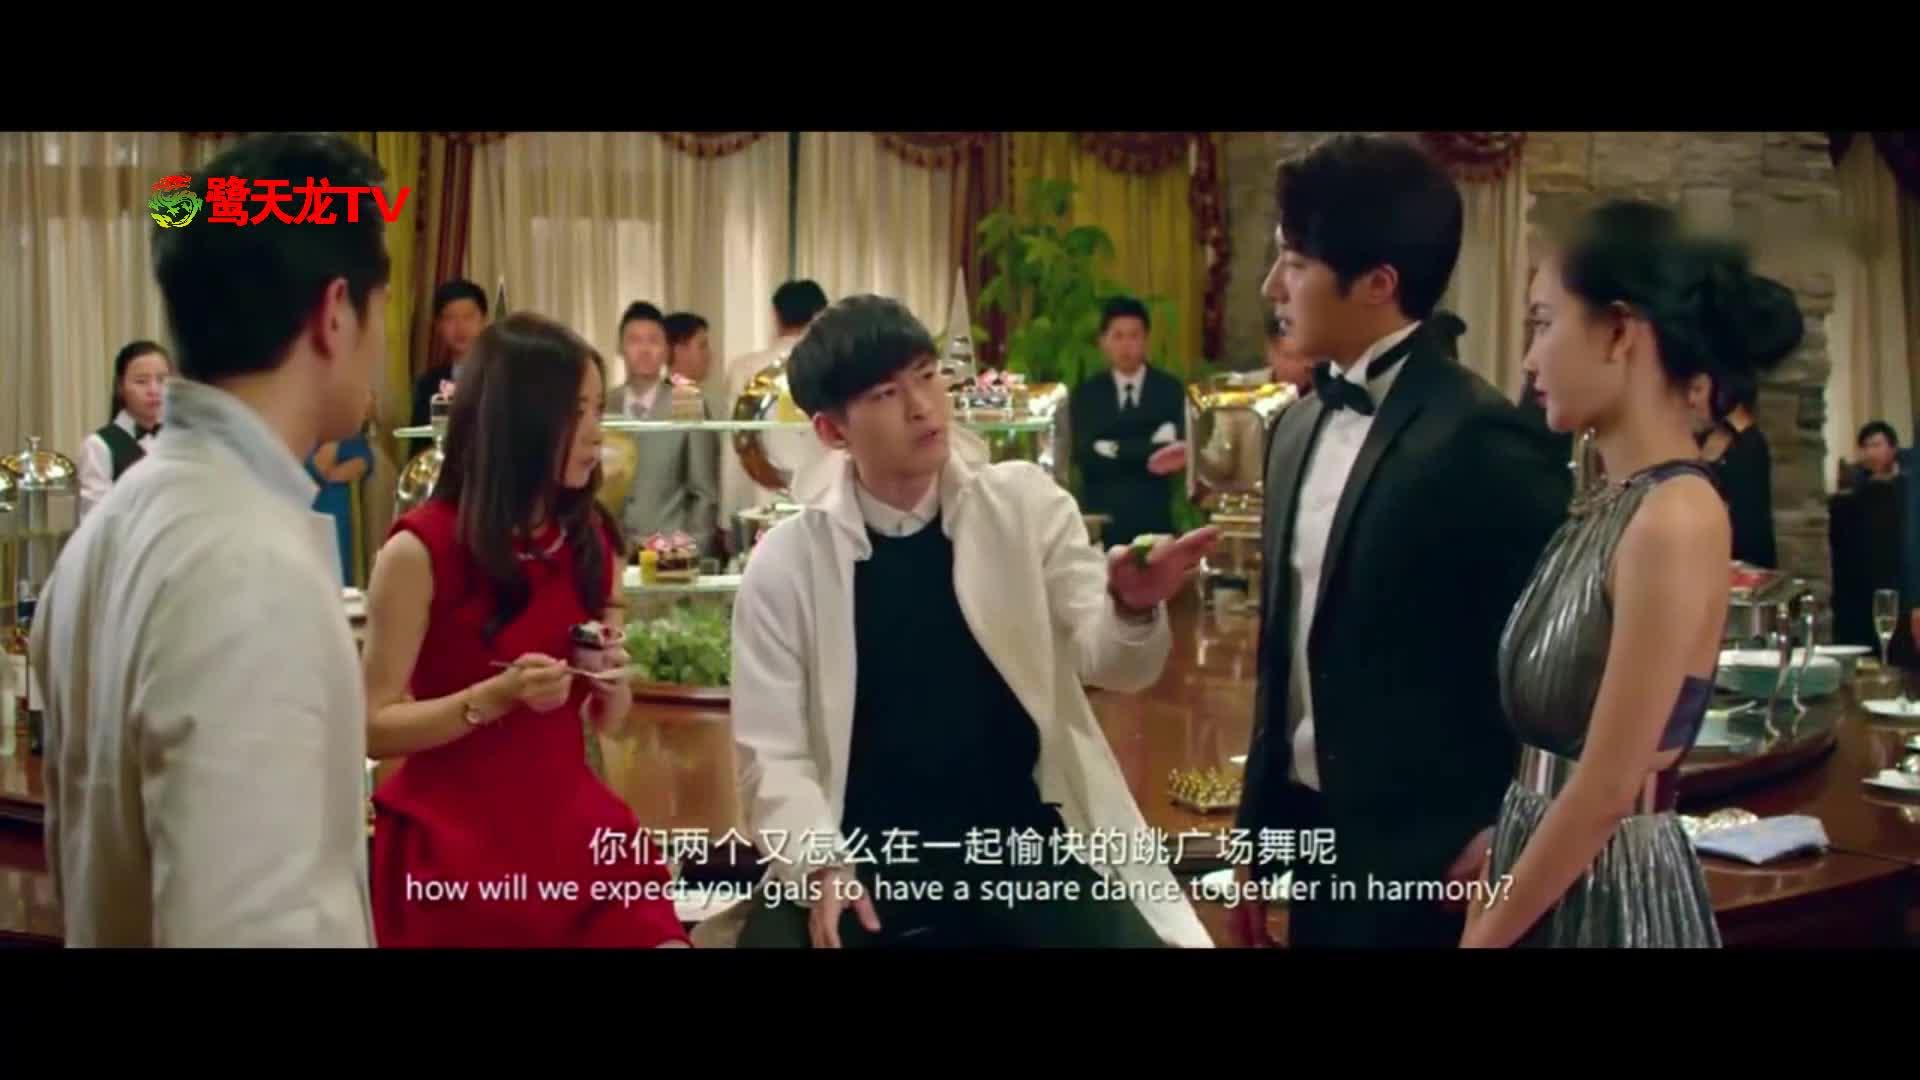 《女汉子真爱公式》片段:女汉子赵丽颖跳辣舞看呆张翰